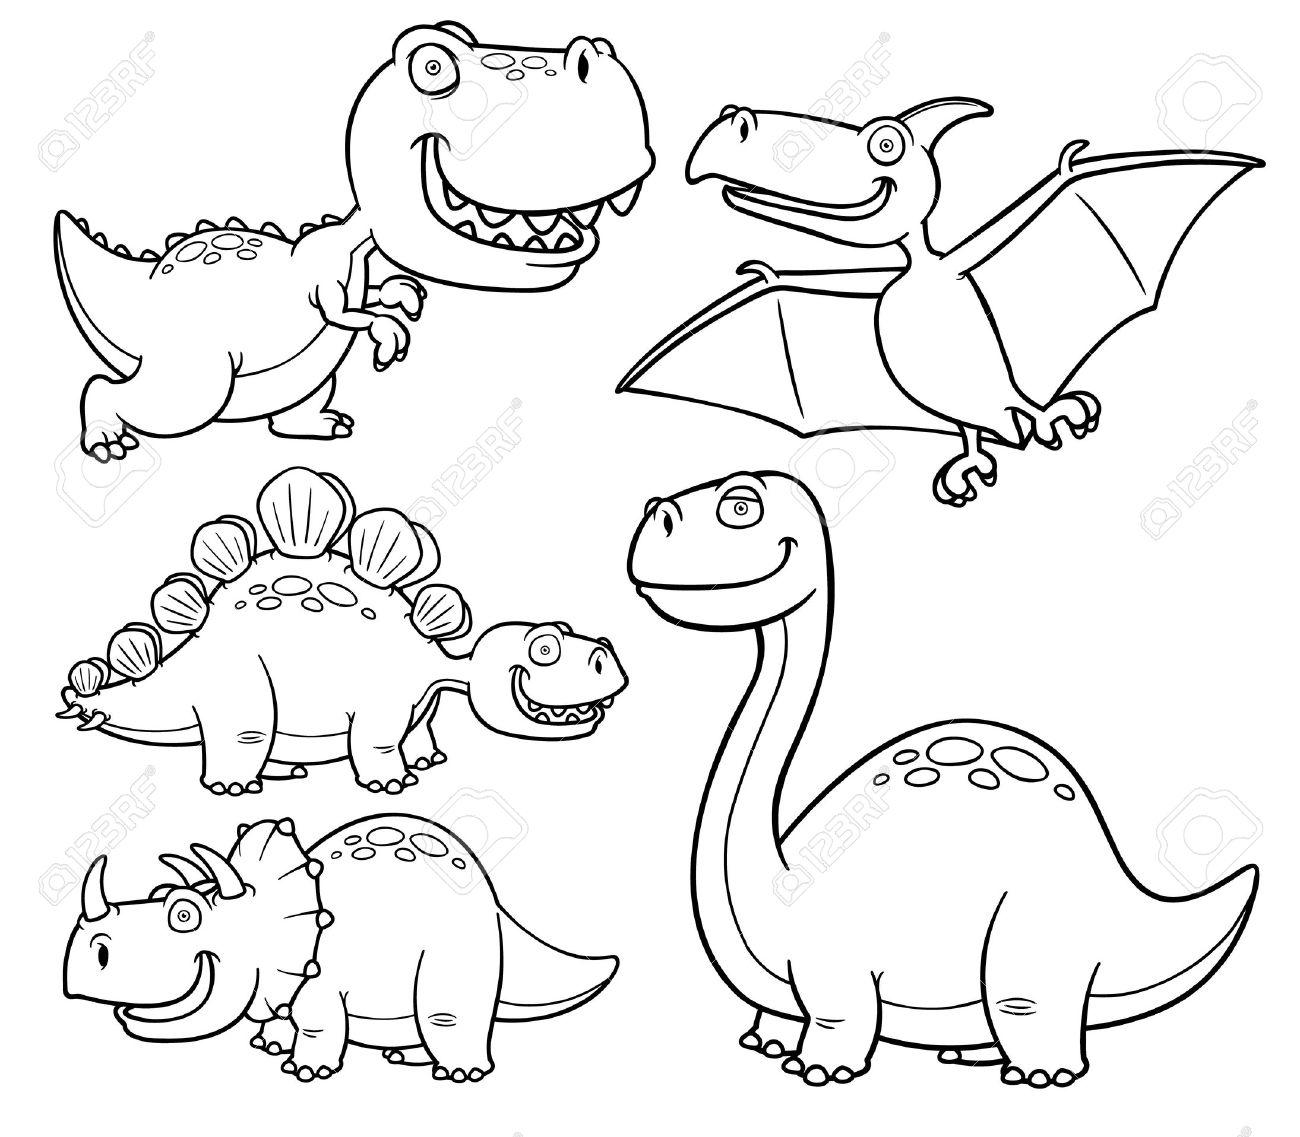 写真素材 , 恐竜の漫画のキャラクターの塗り絵のベクトル イラスト